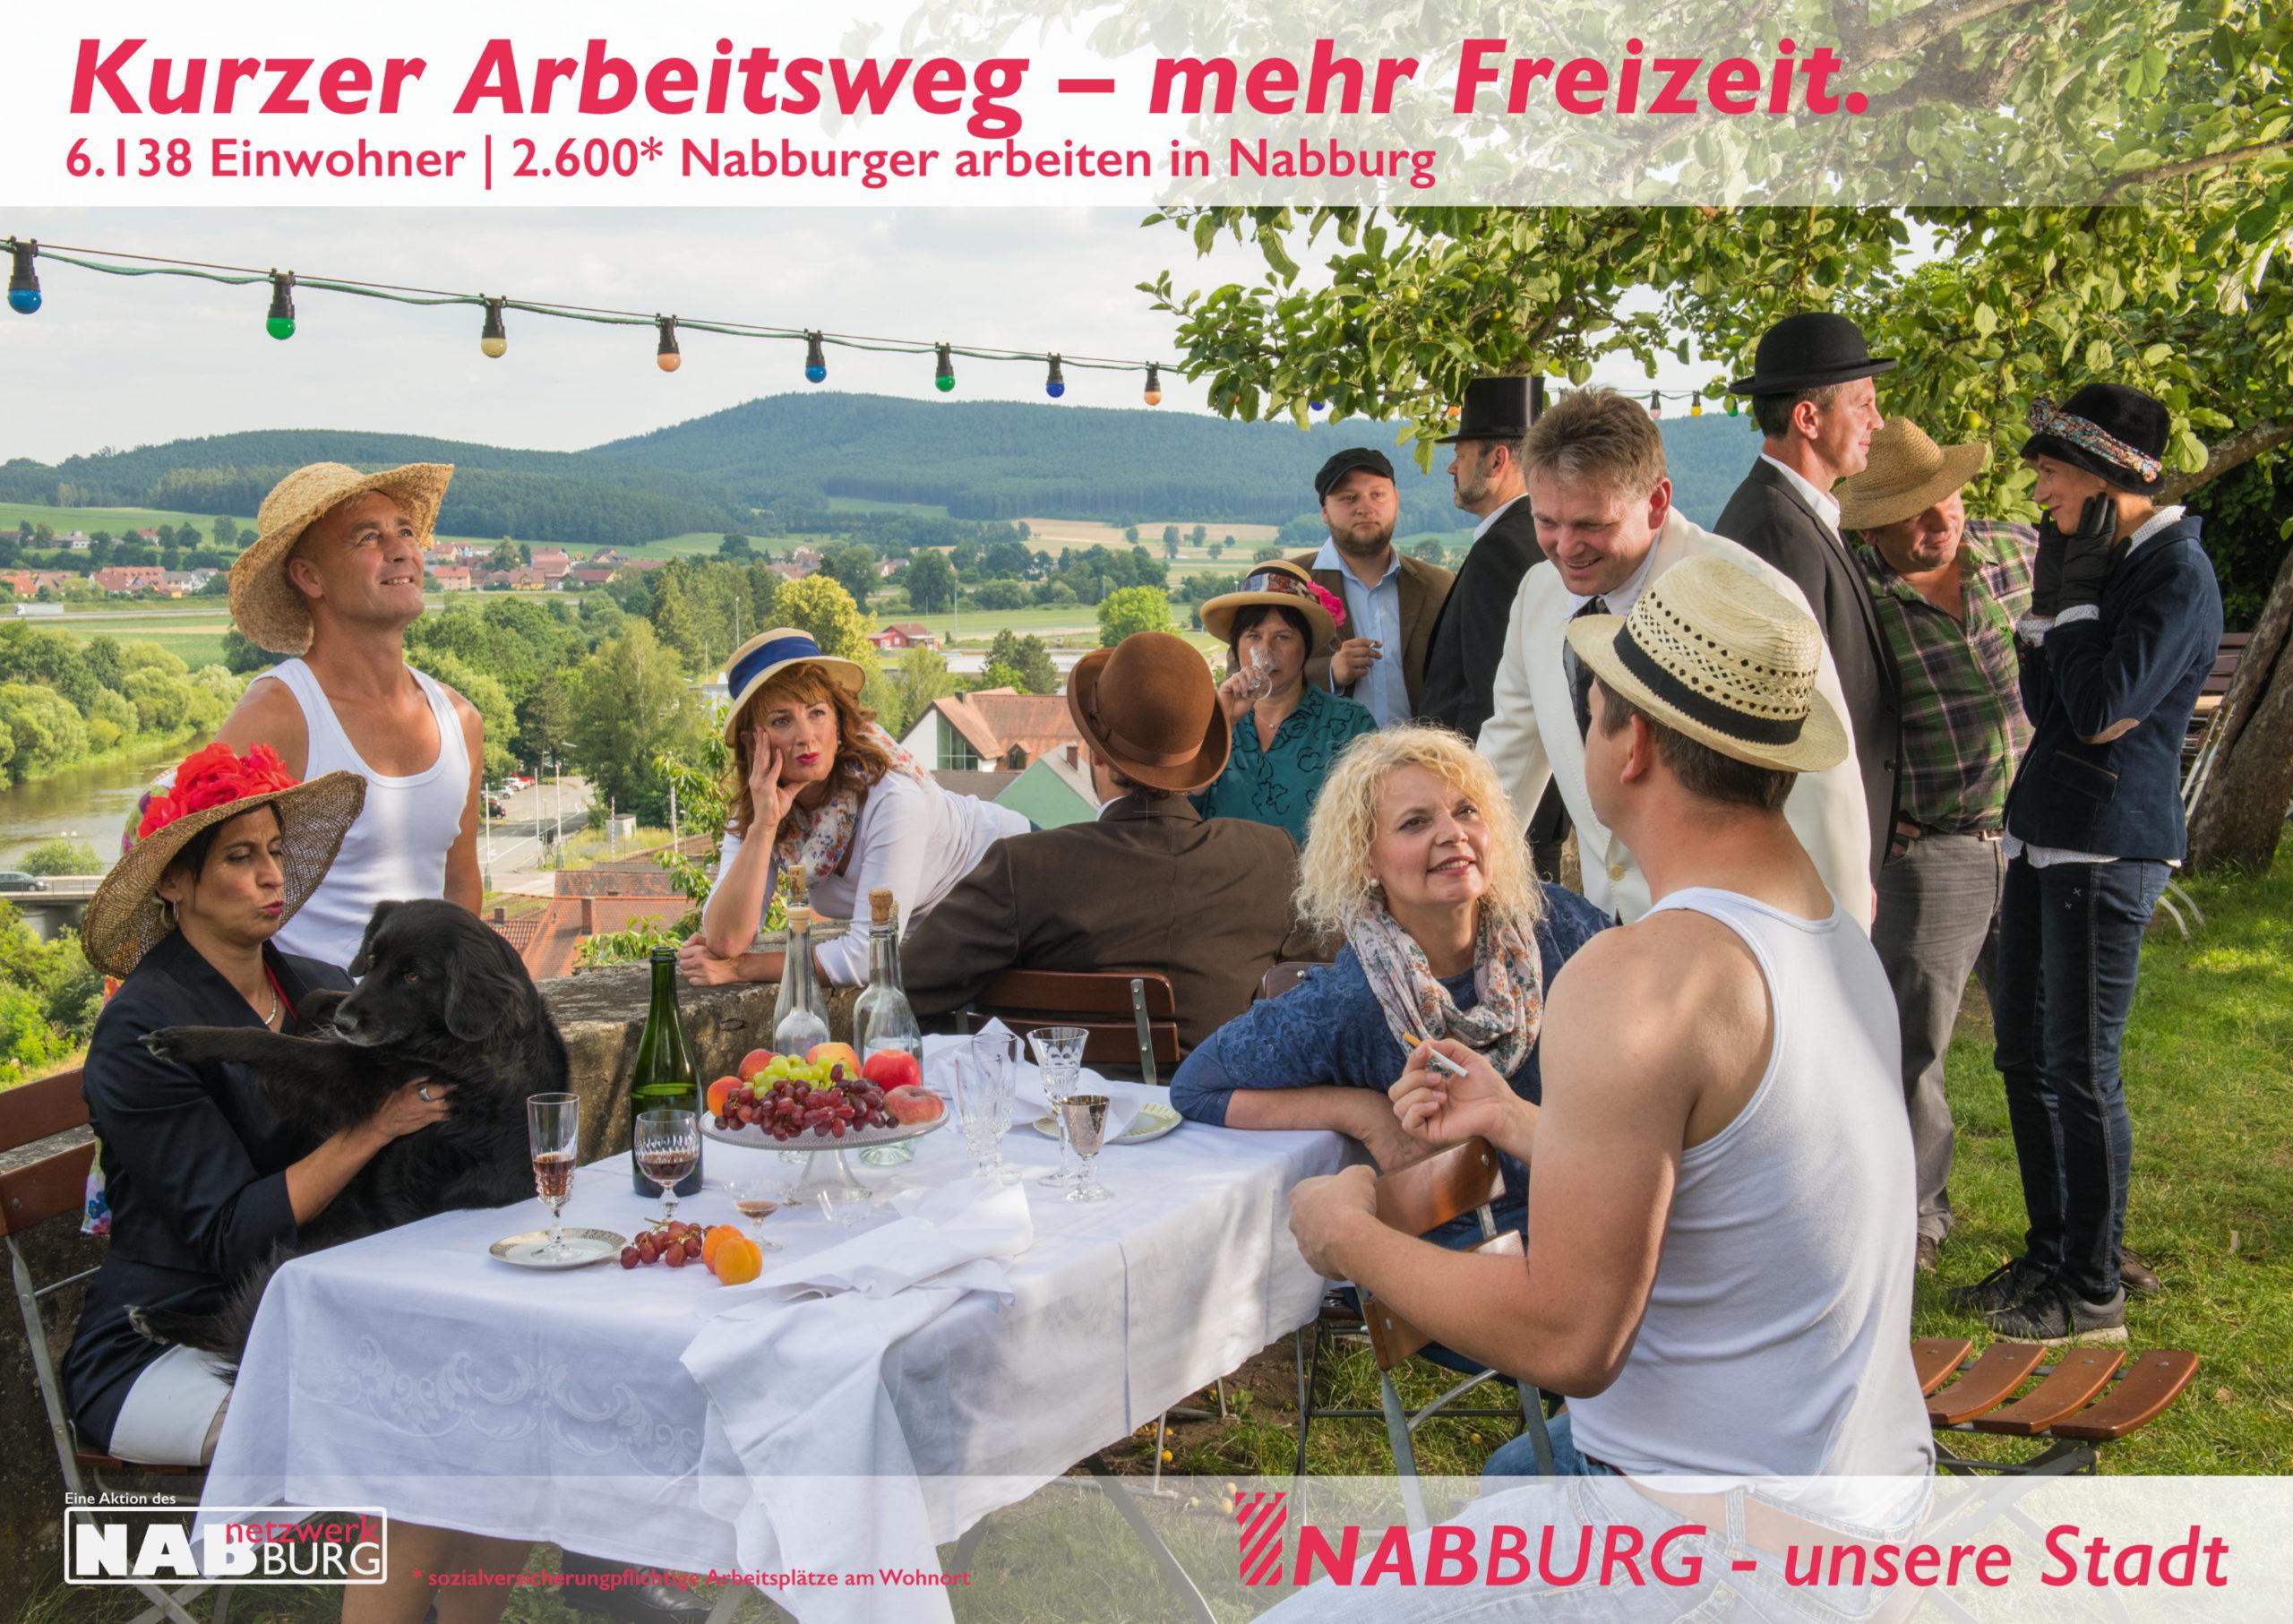 Plakat zum Thema Arbeitsplätze in Nabburg nach dem Bild Frühstück der Ruderer von Auguste Renoir_Fotograf Klaus Kurz_Grafik Wolfgang Engel, © netzwerkNABburg